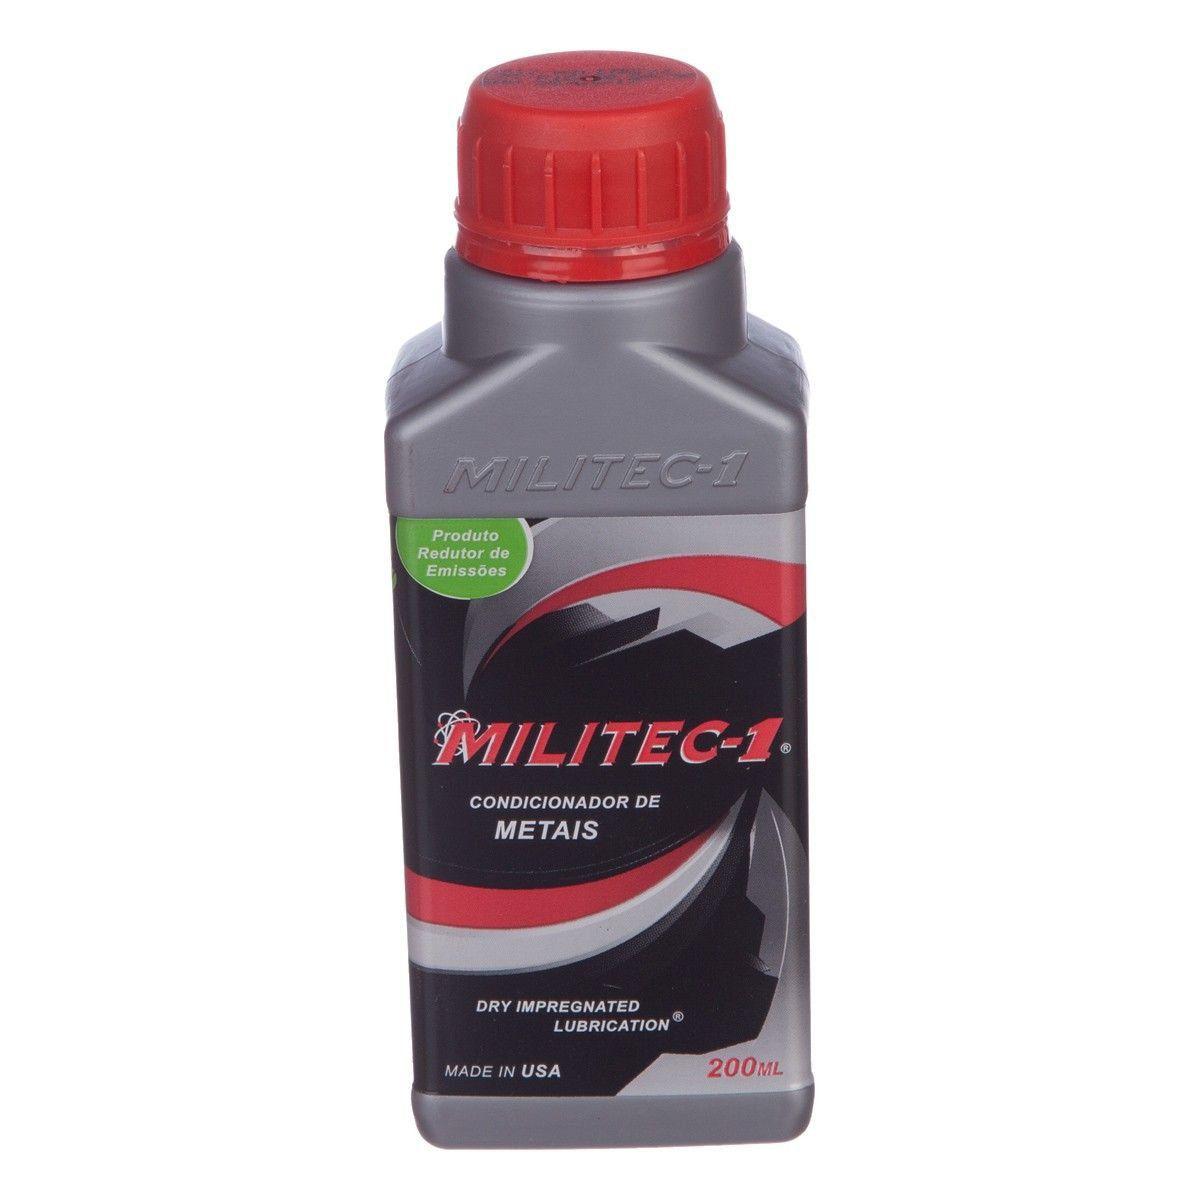 Militec- condicionador de metais- 200 ml